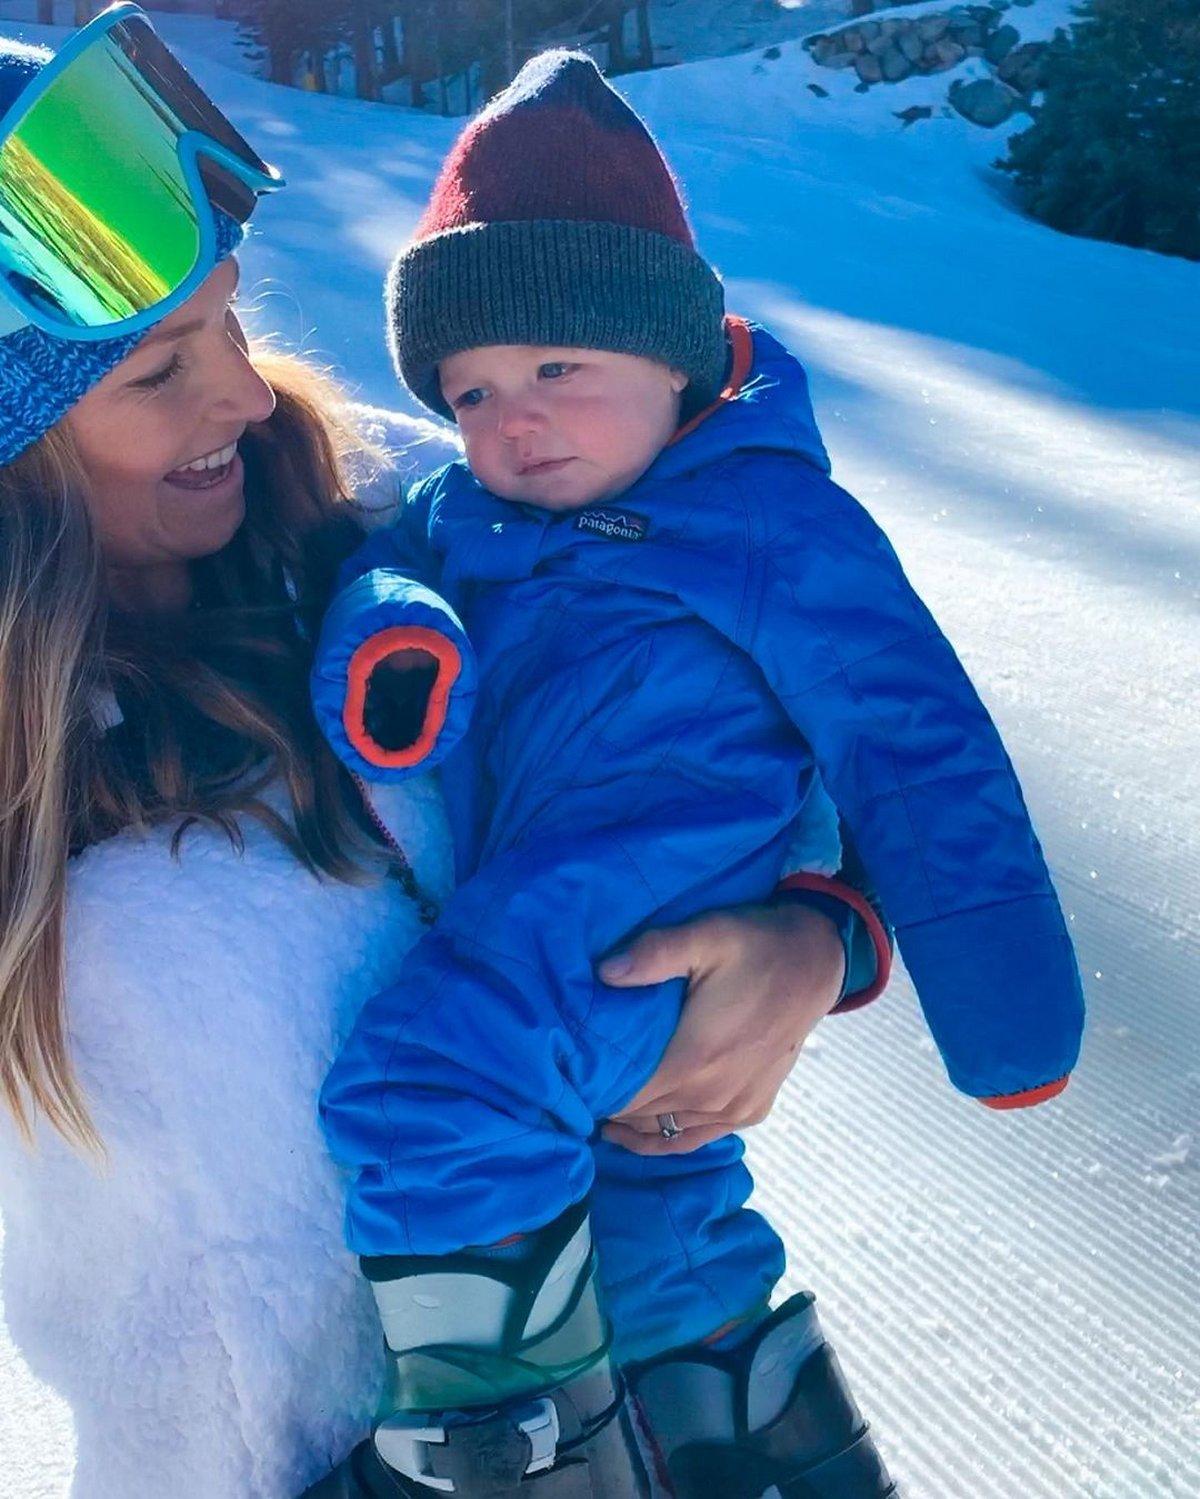 Une mère jette son fils d'un an dans la neige profonde et défend son geste après avoir été critiquée en ligne